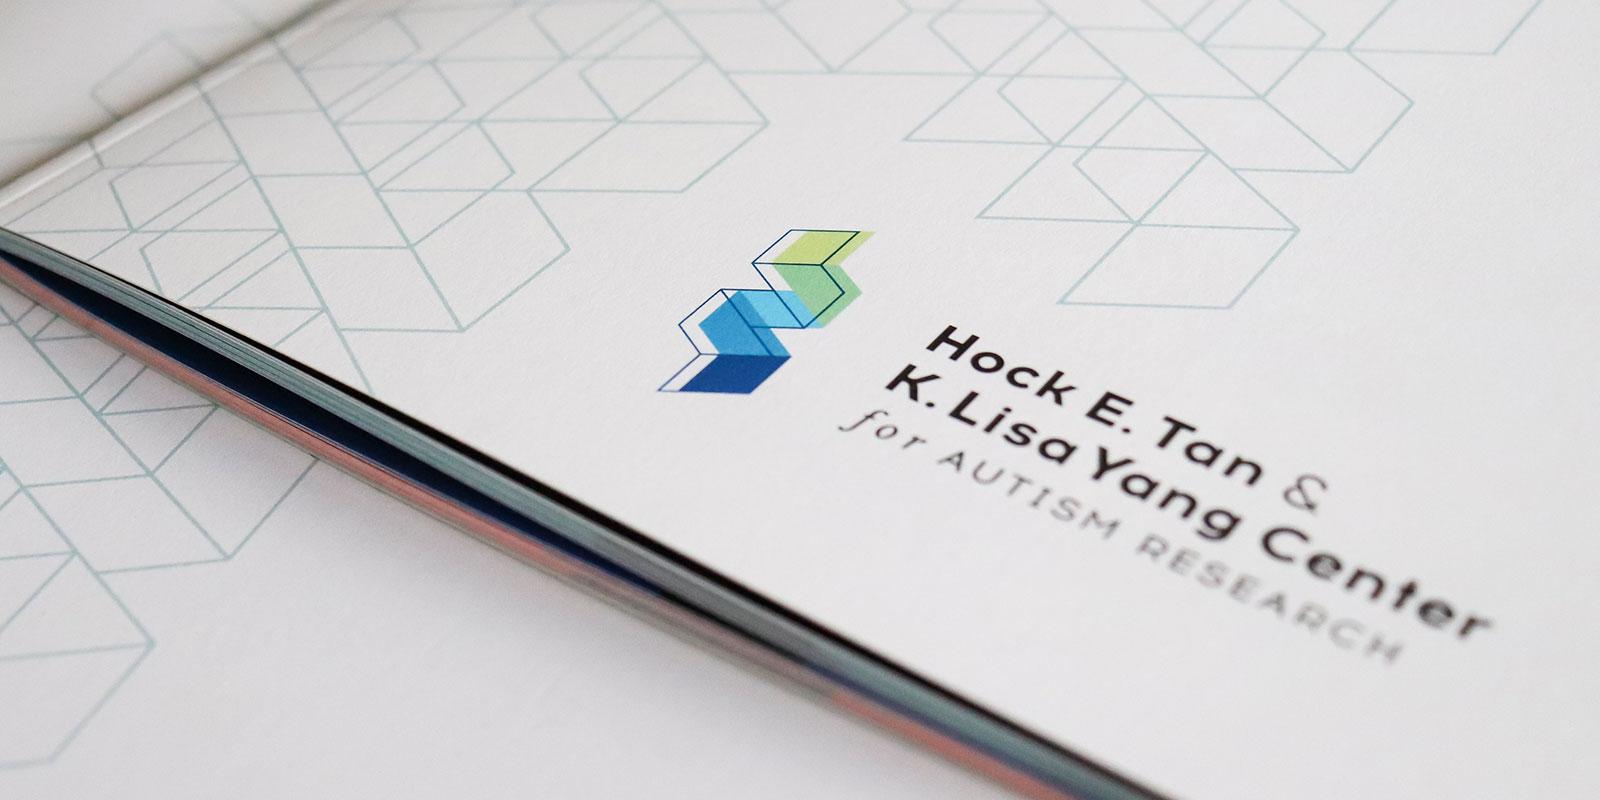 Tand Yang Annual Report Design